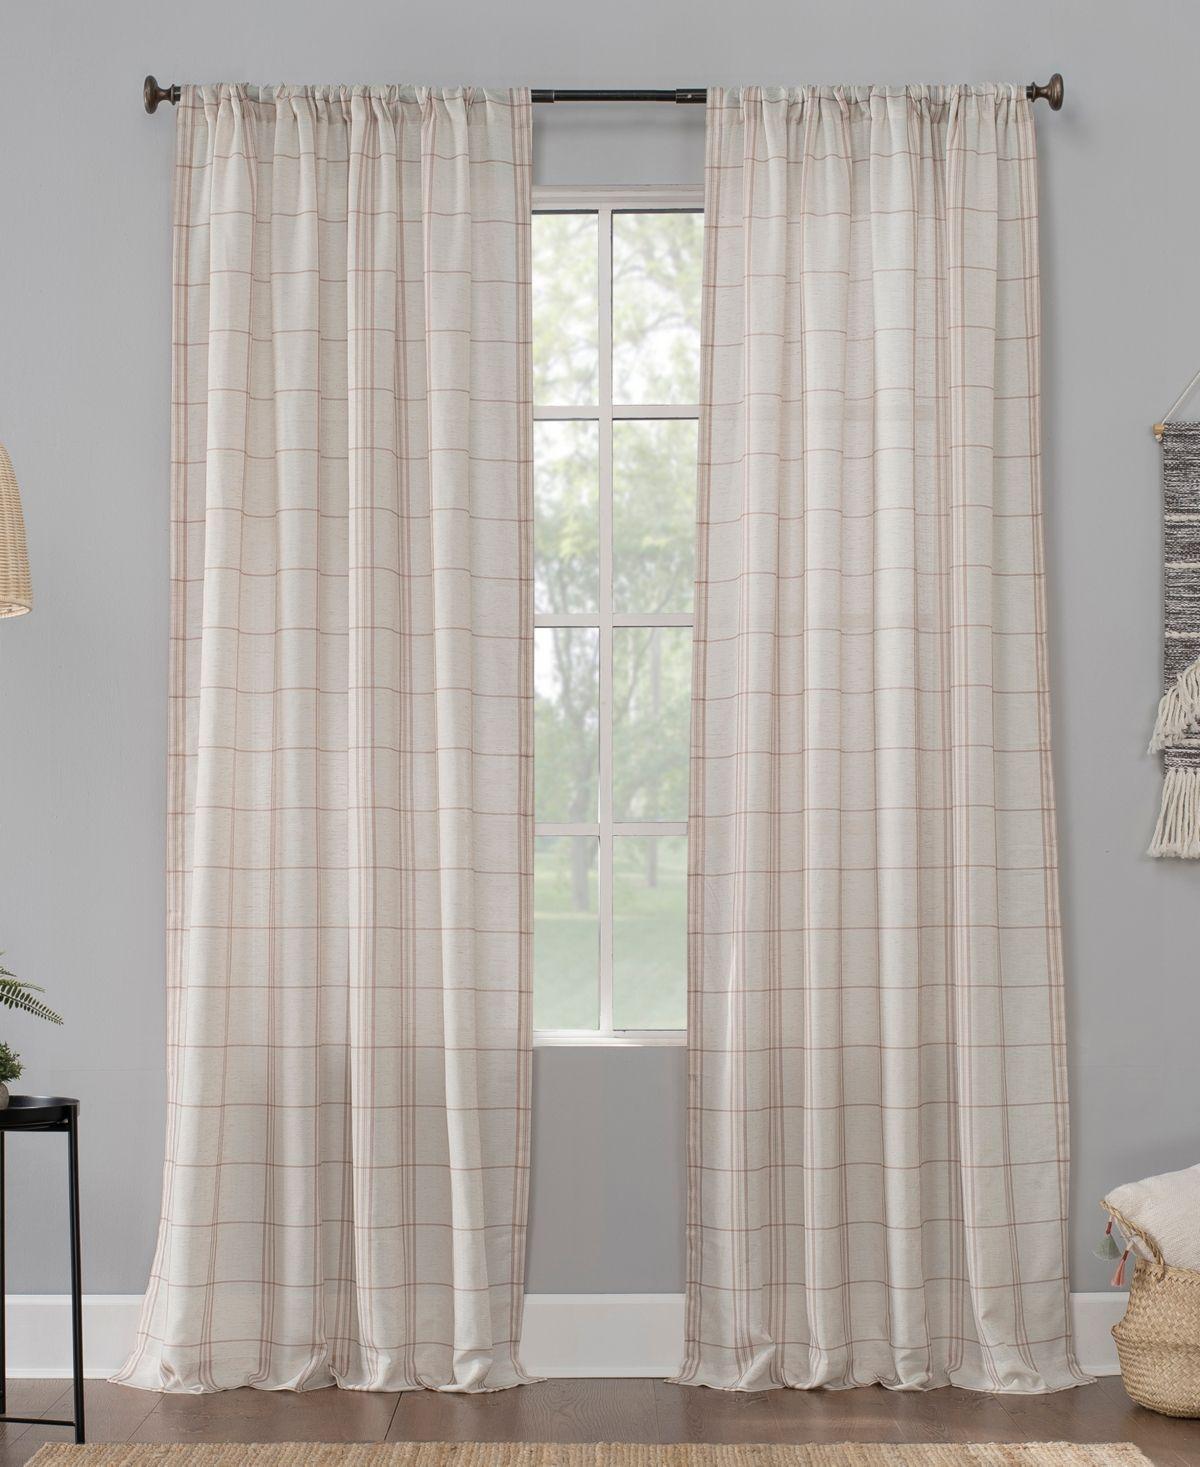 No 918 Castille Farmhouse Plaid Semi Sheer Curtain Panel 54x84